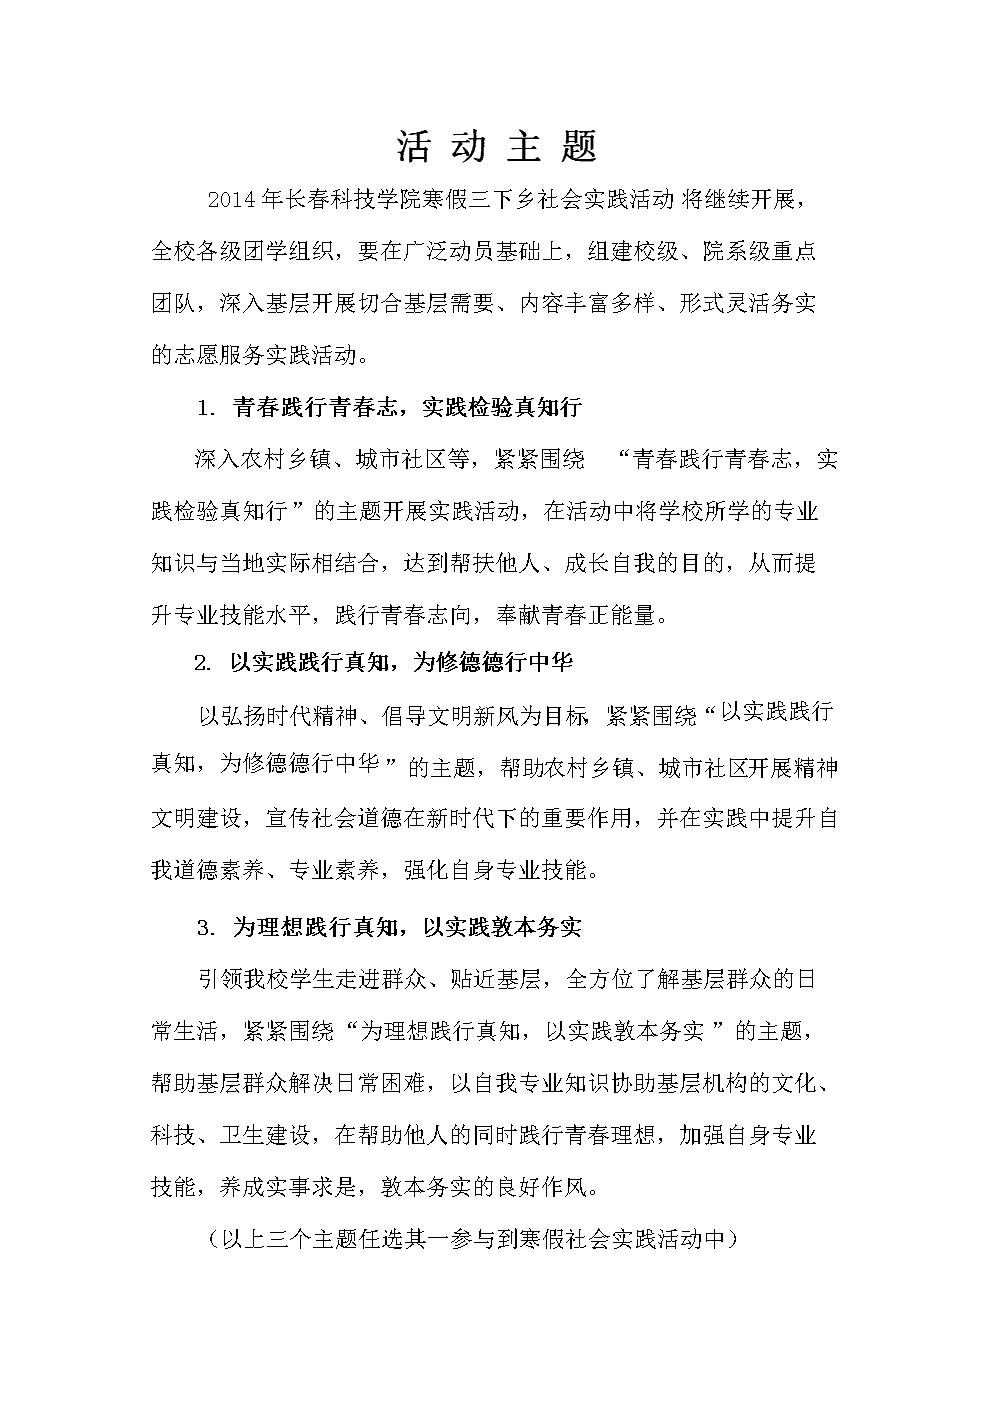 2014年长春科技学院寒假社会实践活动相关事宜.doc